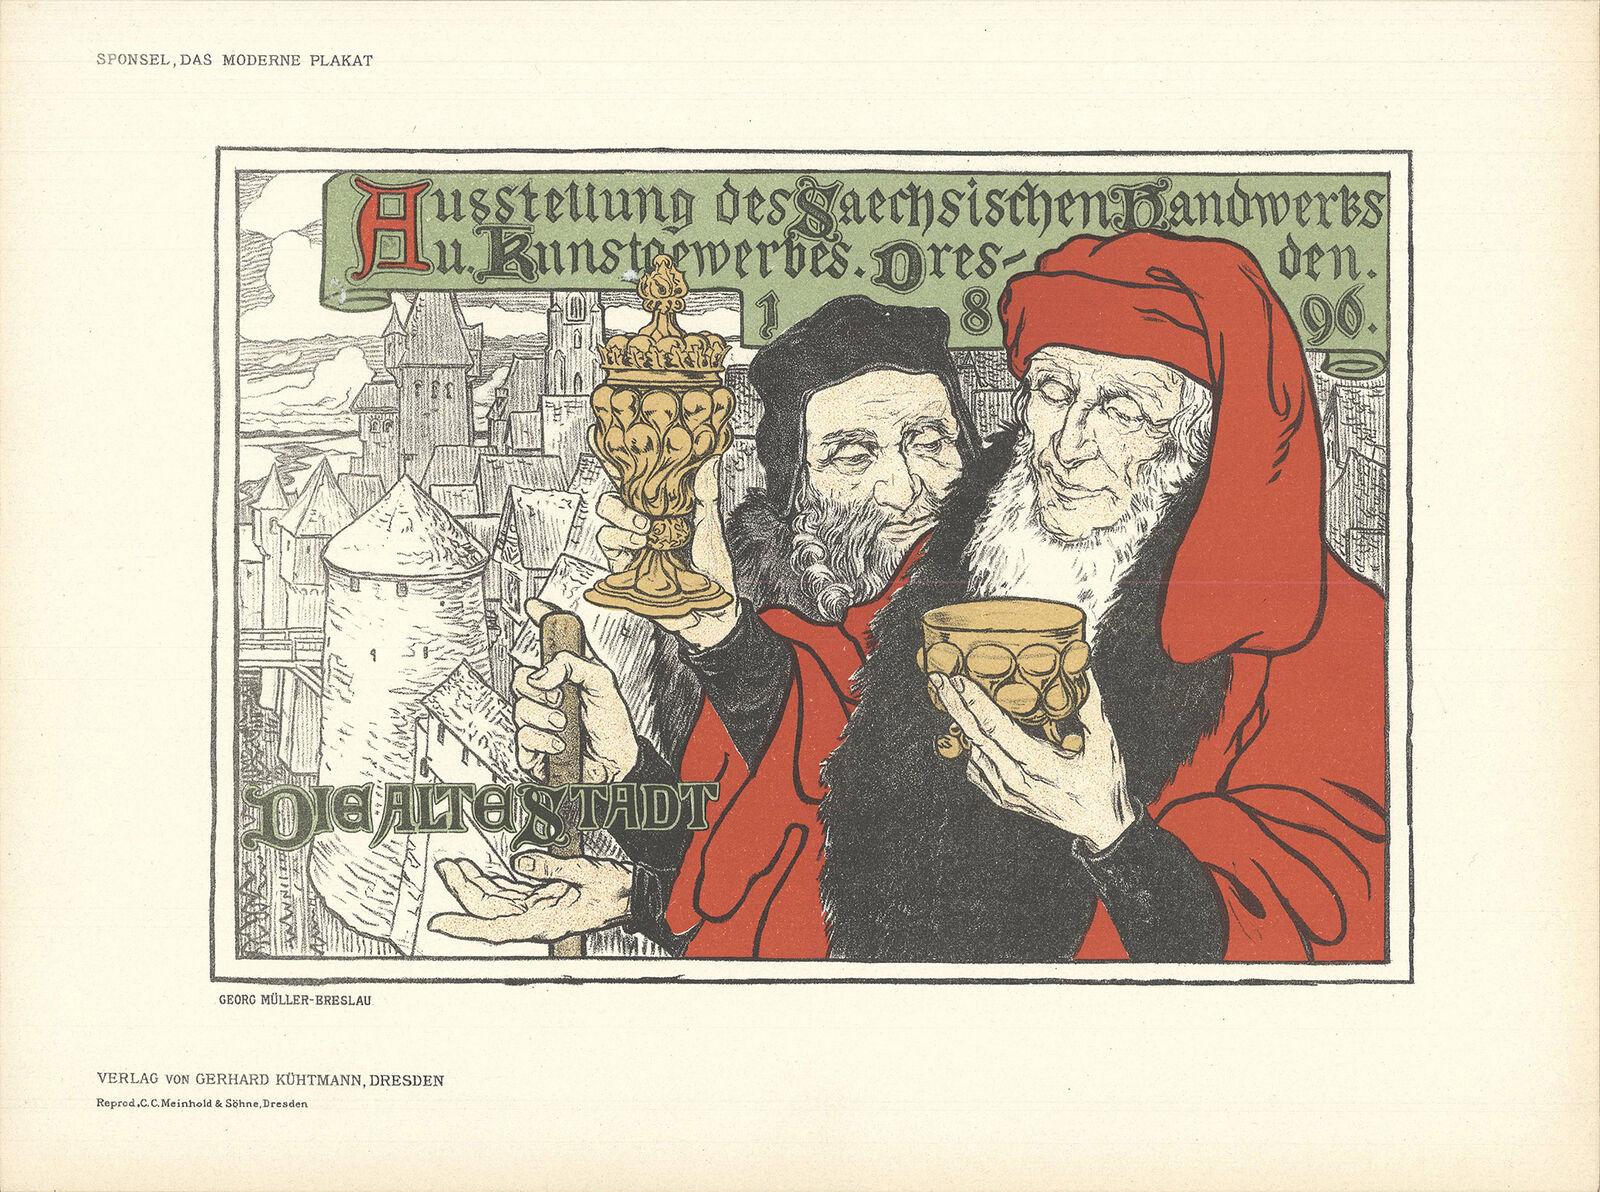 """GEORG MULLER-BRESLAU Dresden, Die Alte Stadt 8.25"""" x 11.5"""" Lithograph 1897 - $173.25"""